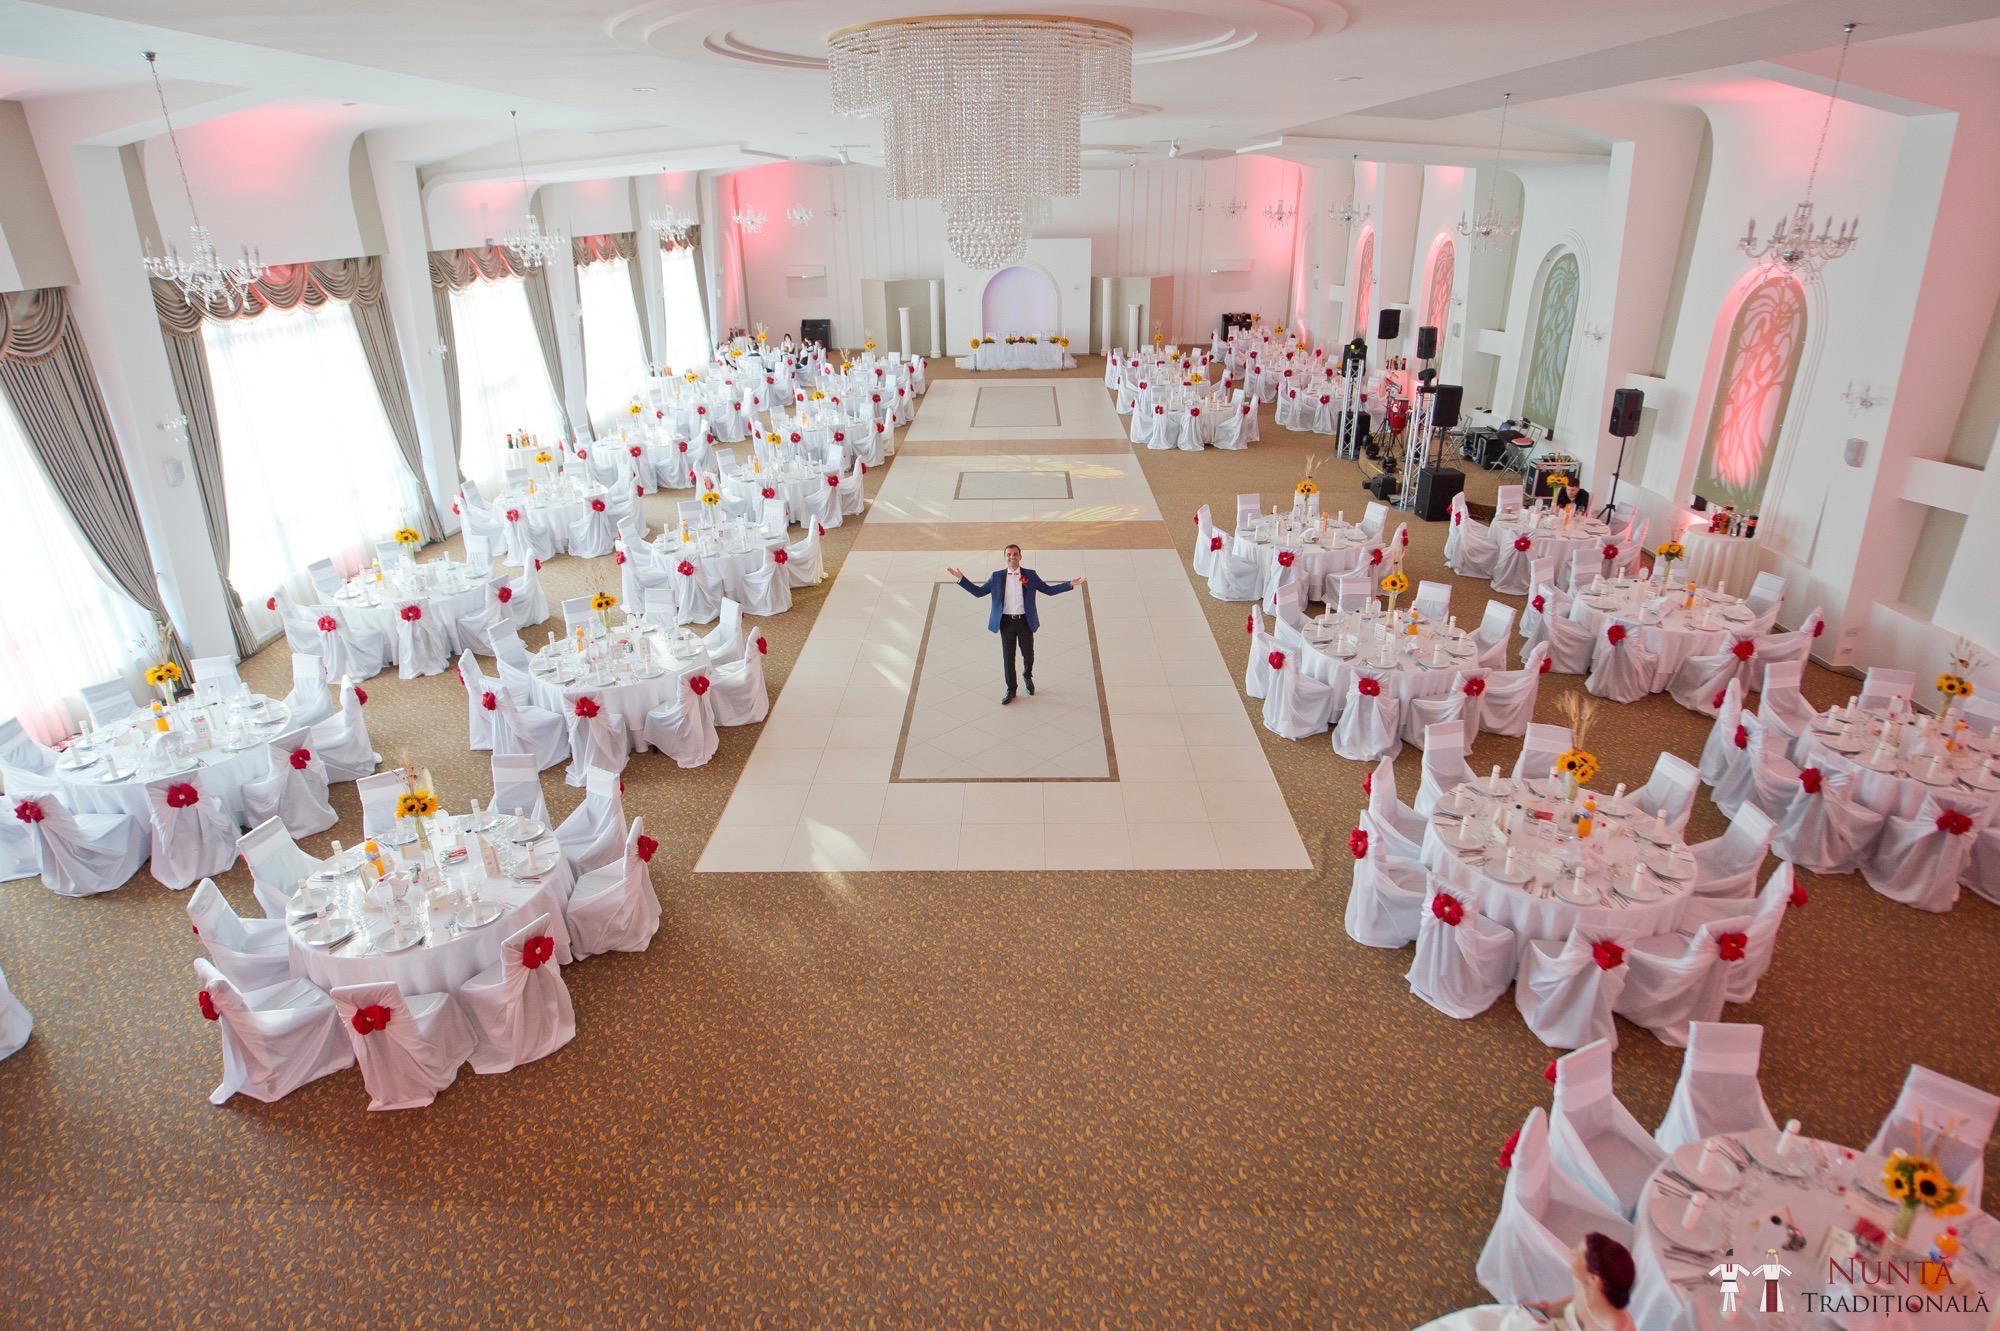 Povești Nunți Tradiționale - Gabriela și Mădălin - Nuntă Tradițională în Suceava, Bucovina 52